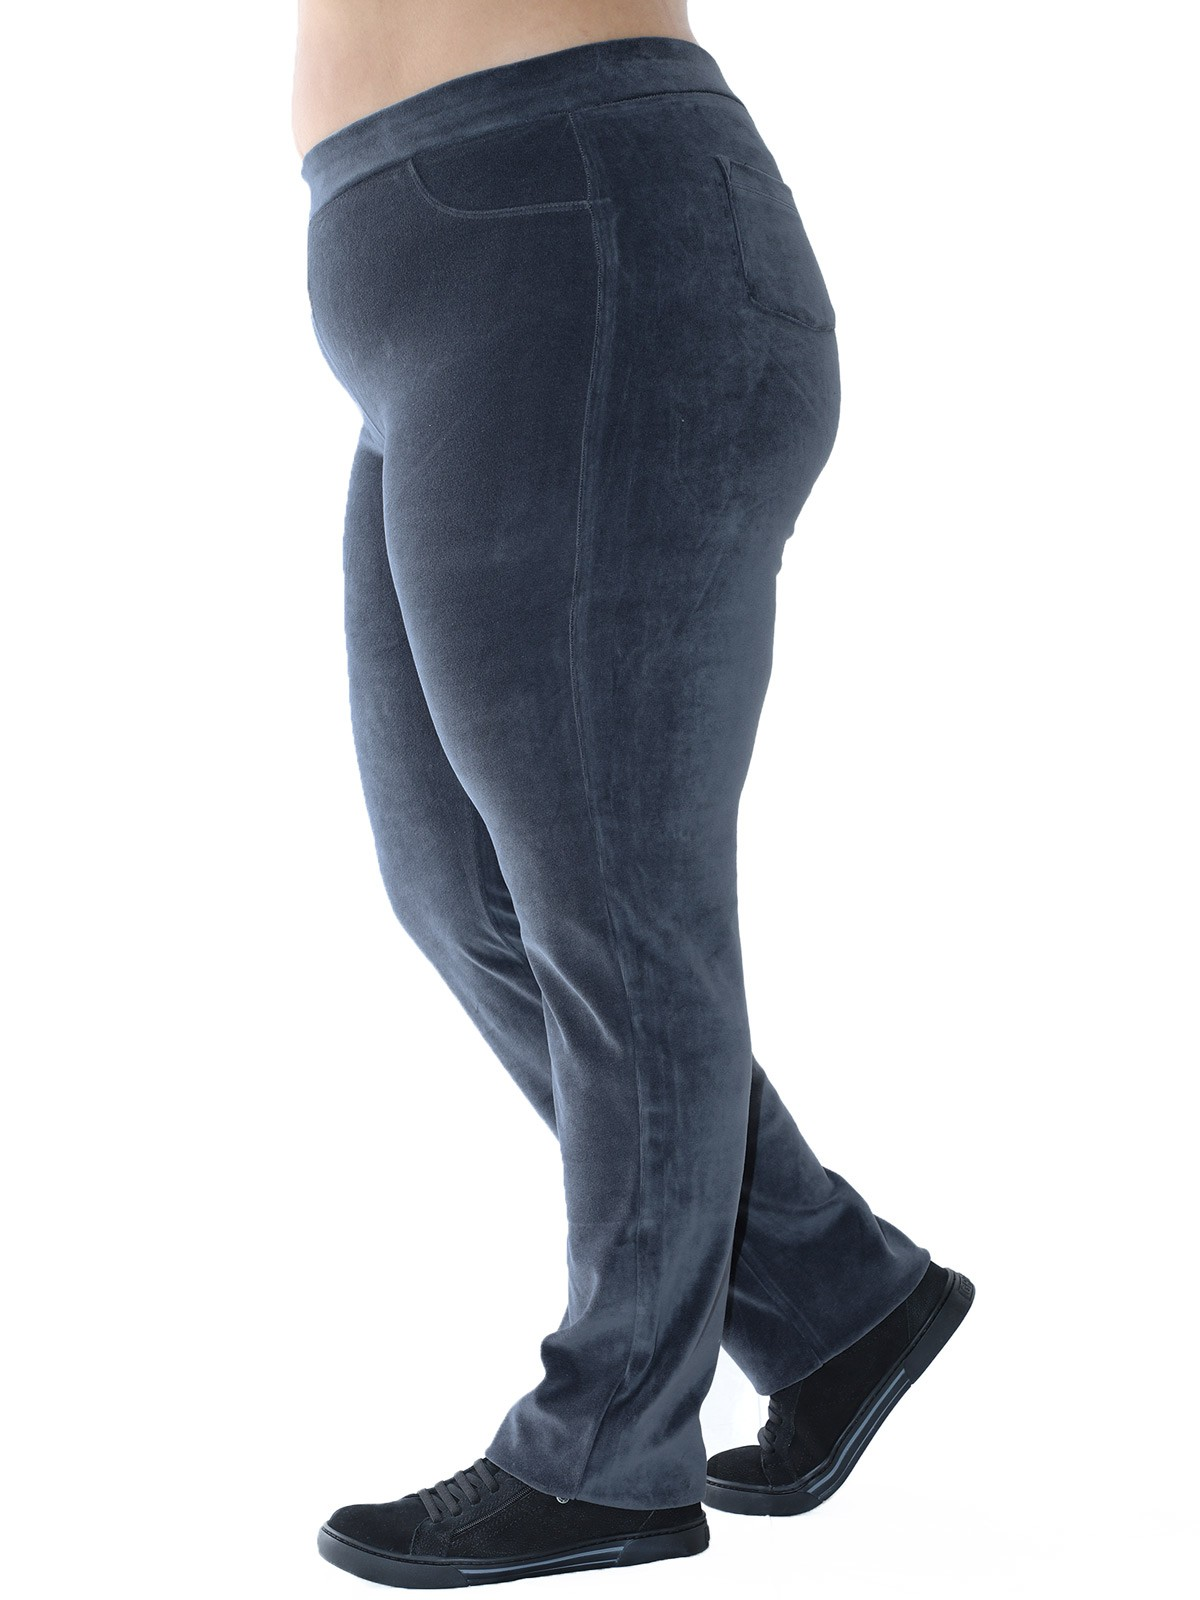 Calça Plus Size de Plush Básica Cinza